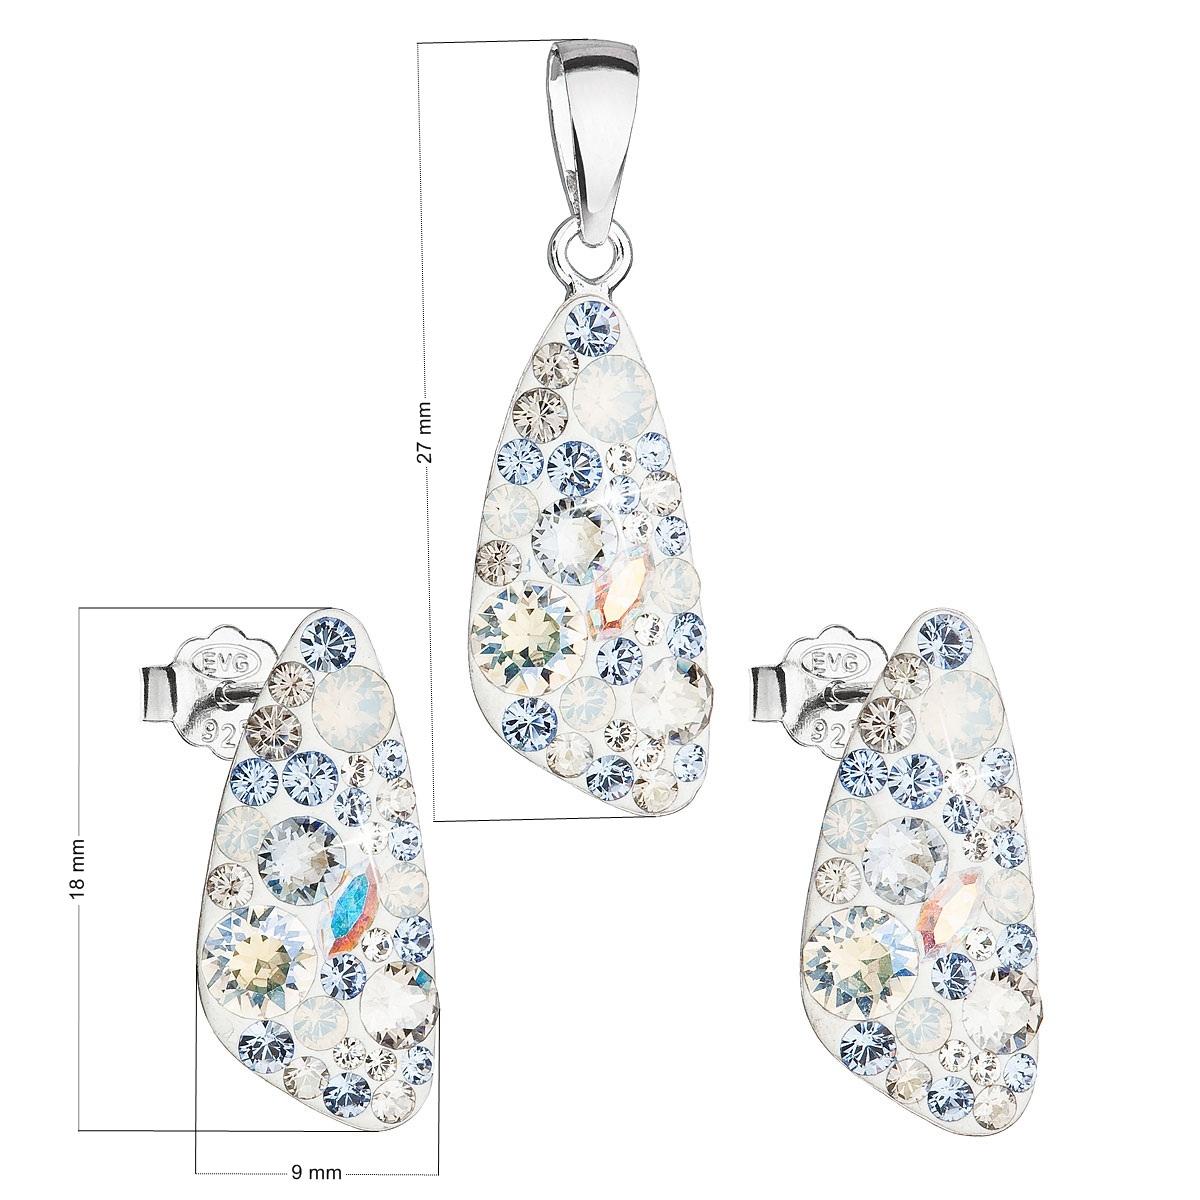 Sada šperkov s kryštálmi Swarovski náušnice a prívesok, Light Sapphire